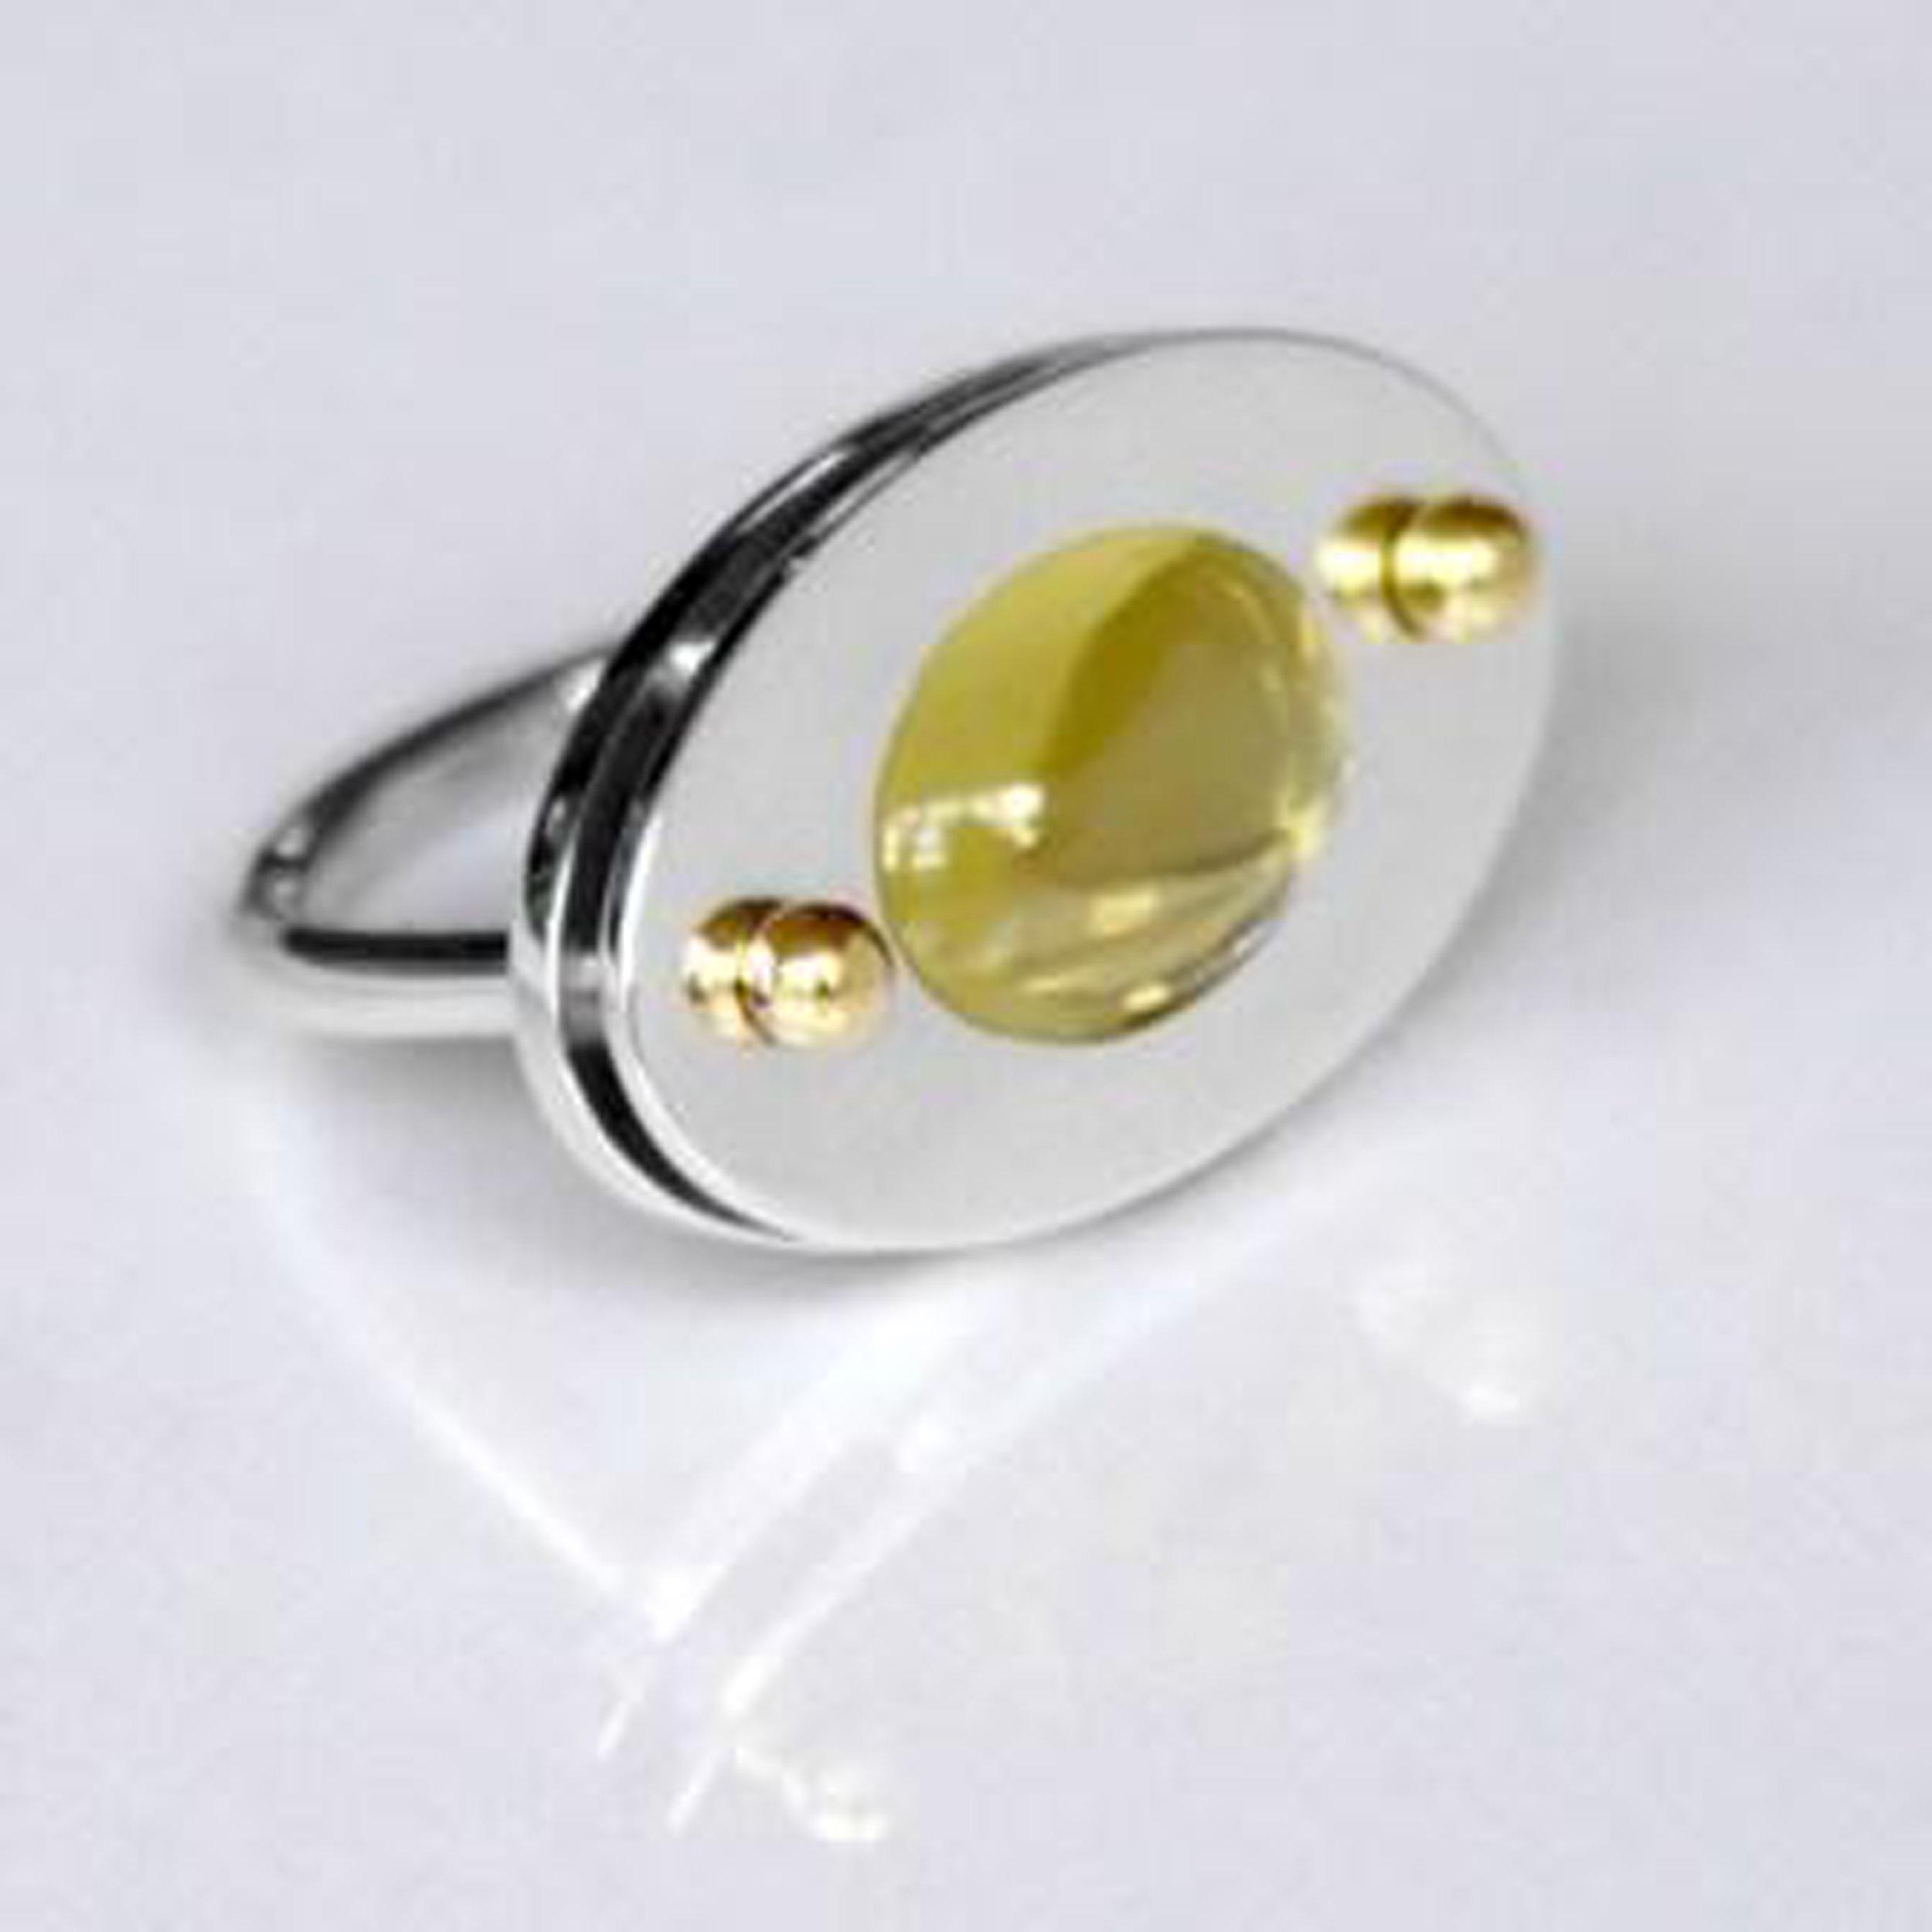 13 ring silver 18ct details lemon quartz.jpg